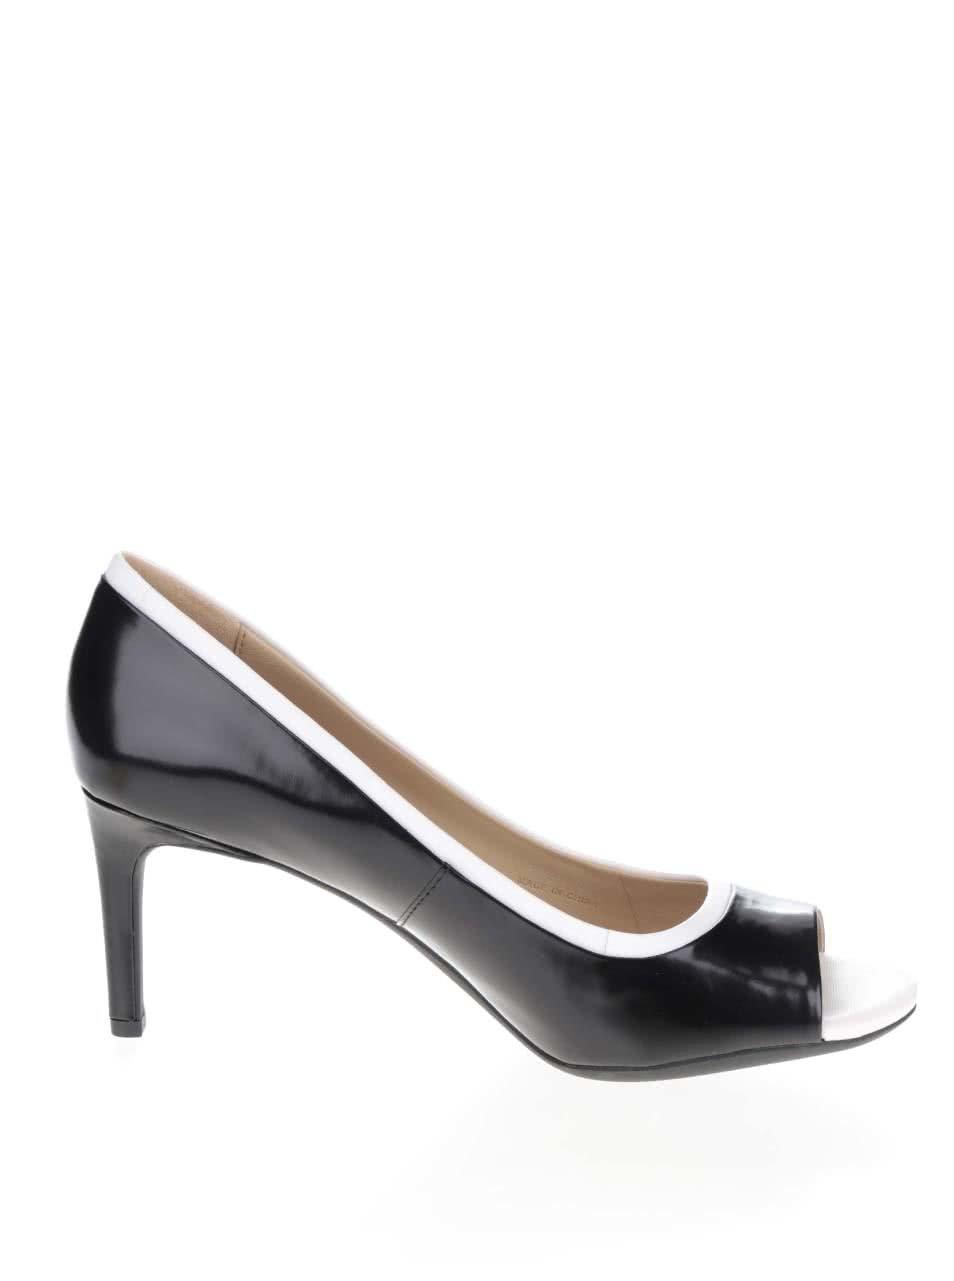 1c36ddfae8 Čierno-biele dámske kožené topánky na podpätku Geox Audie ...